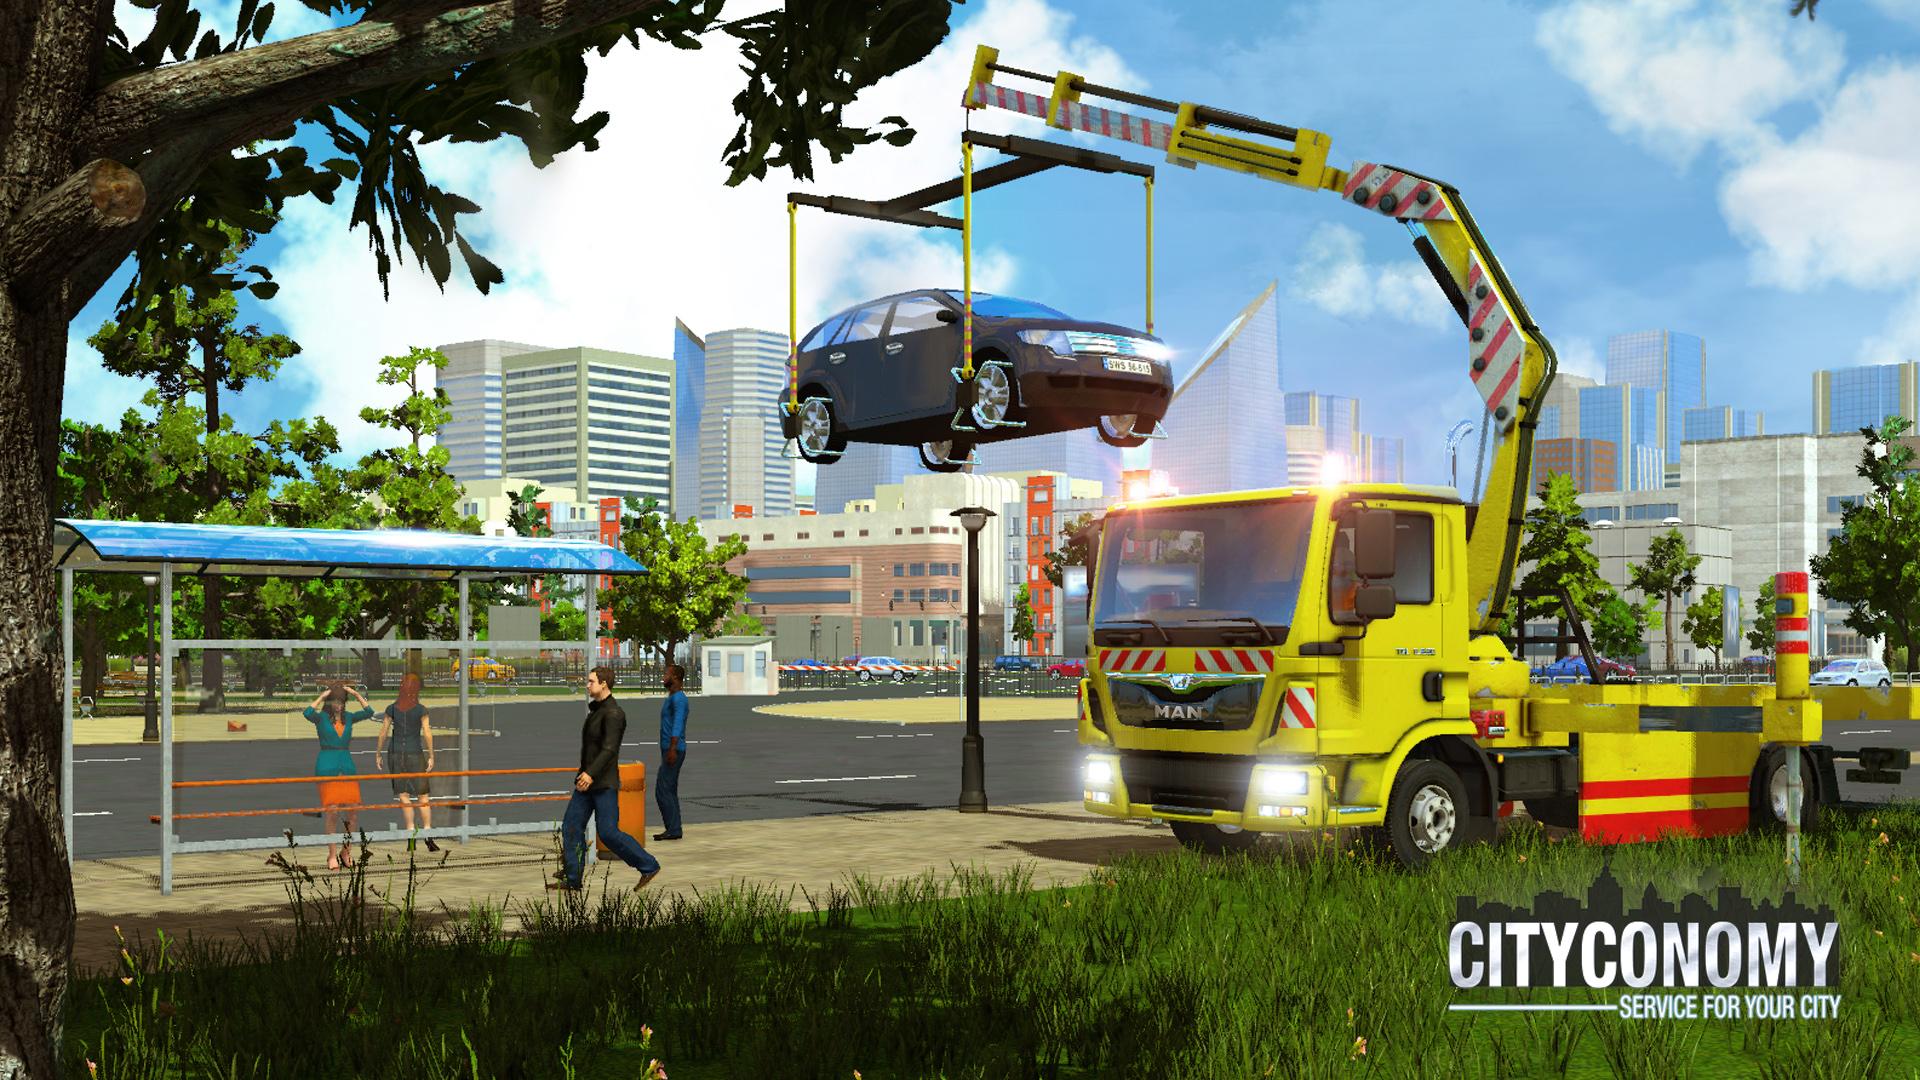 V simulátoru Cityconomy se budete starat o veřejné služby města 116063